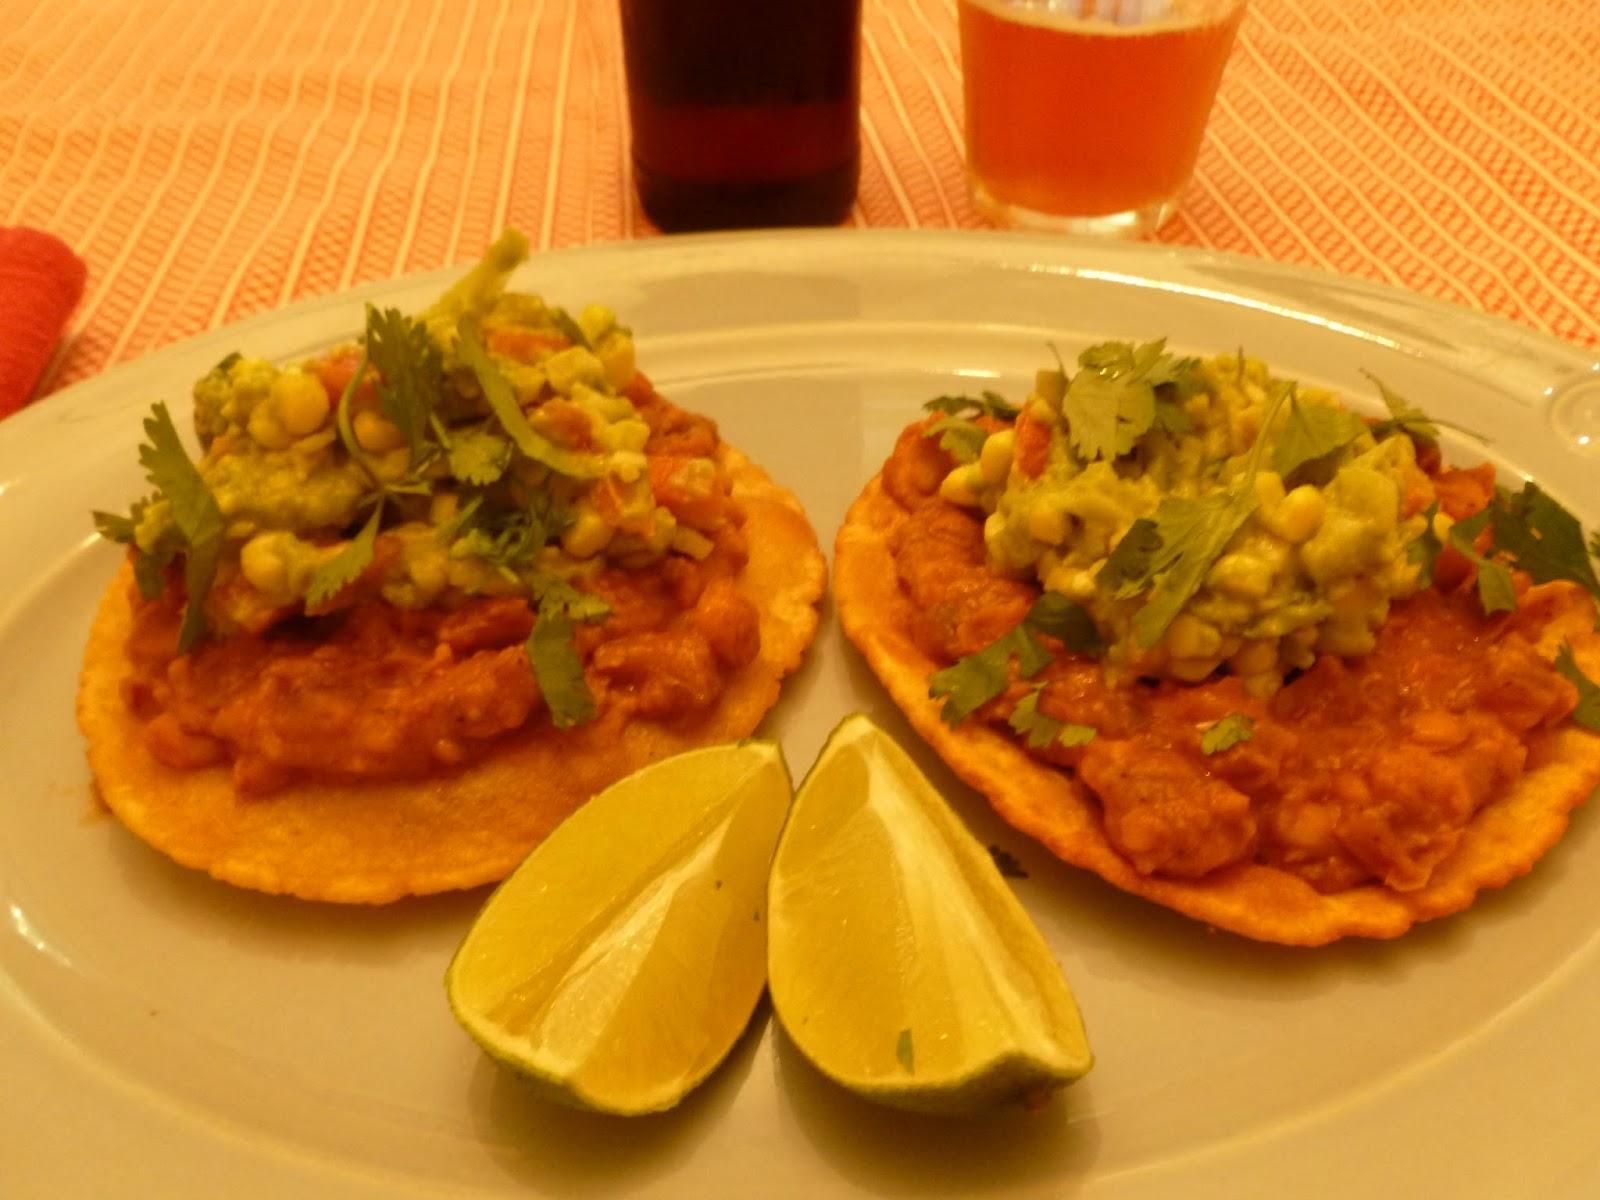 ... Southwestern Sauces: Chipotle Bean Tostadas with Summer Corn Guacamole